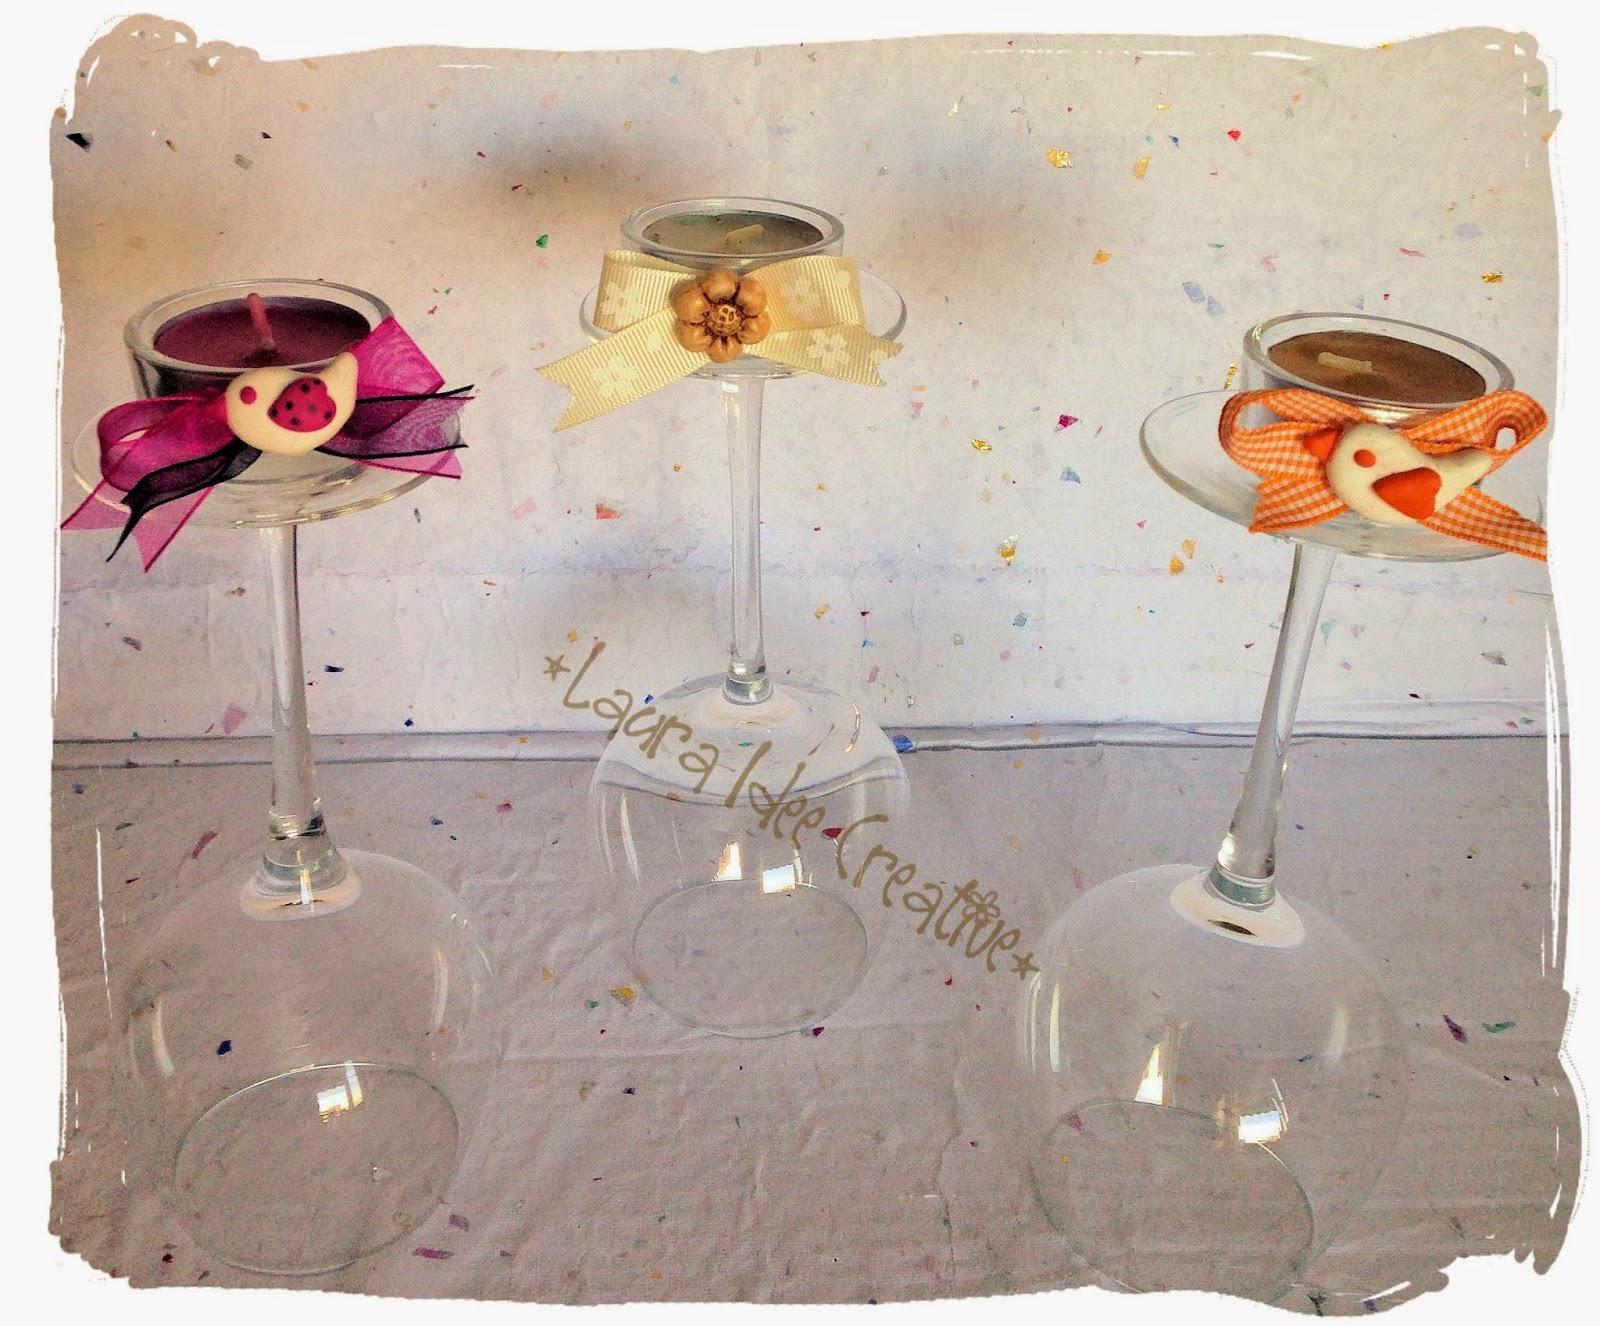 Connu Laura Idee Creative: Tempo di cerimonie: bomboniere e segnaposto  PY21